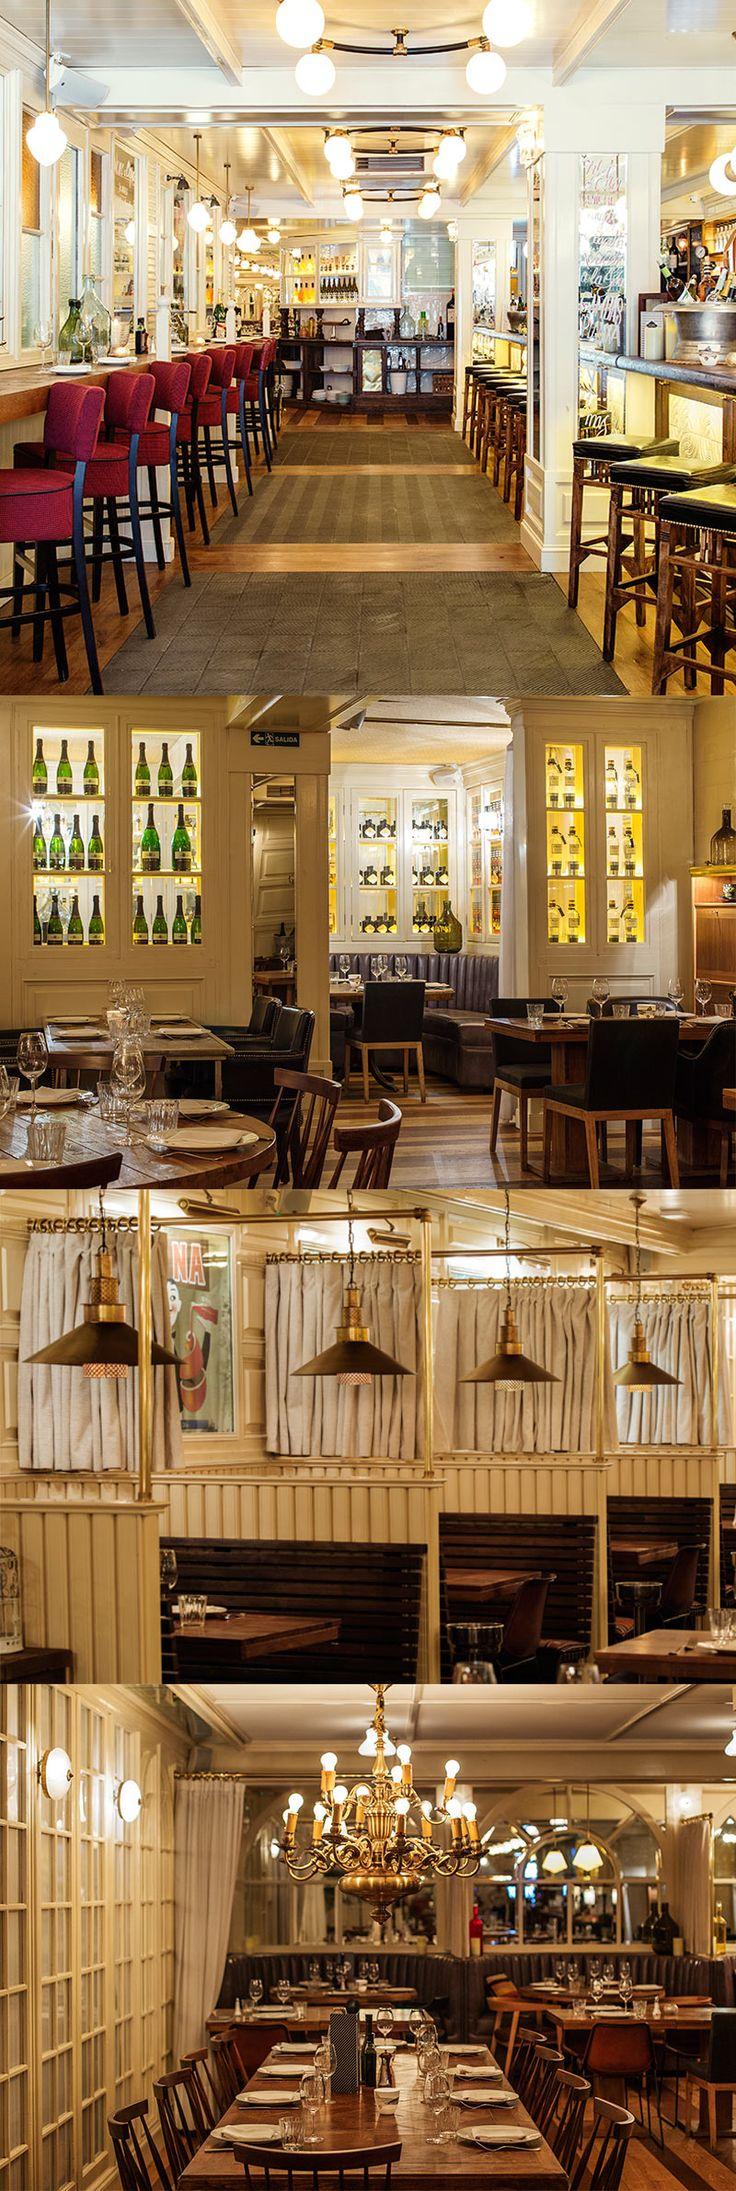 die besten 25 restaurant und bar design ideen auf pinterest restaurant bar restaurant design. Black Bedroom Furniture Sets. Home Design Ideas